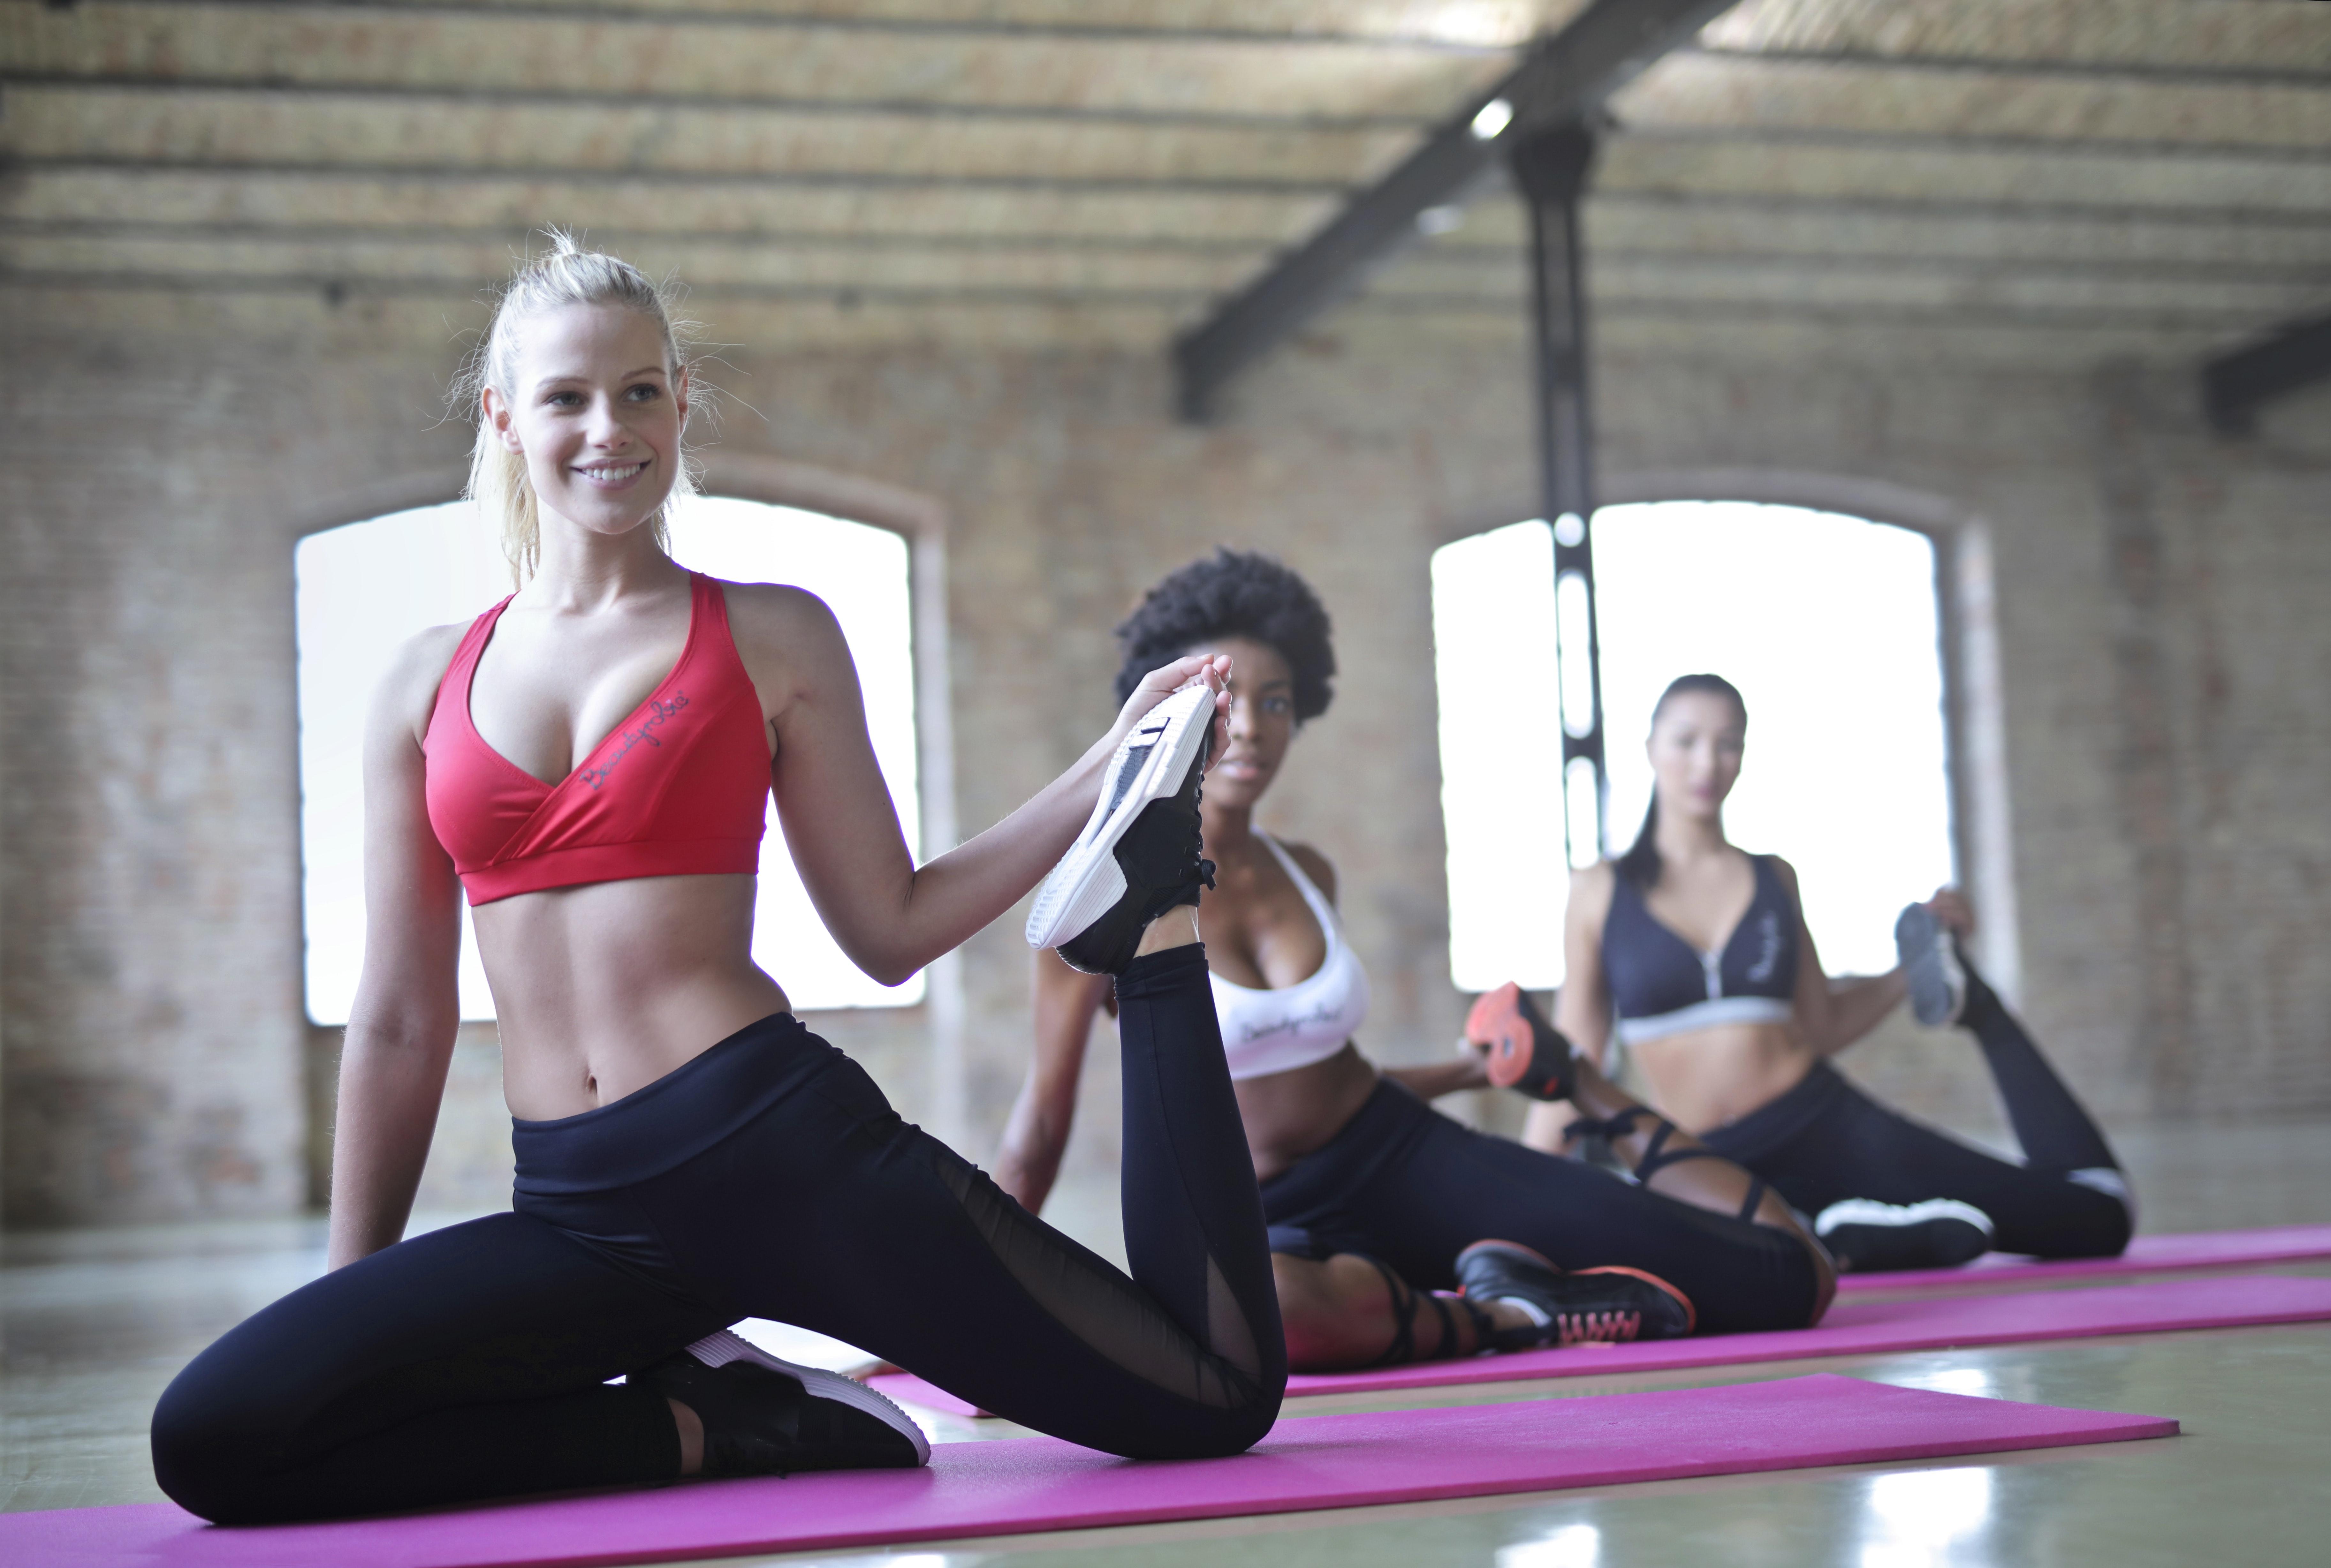 Three women doing yoga photo